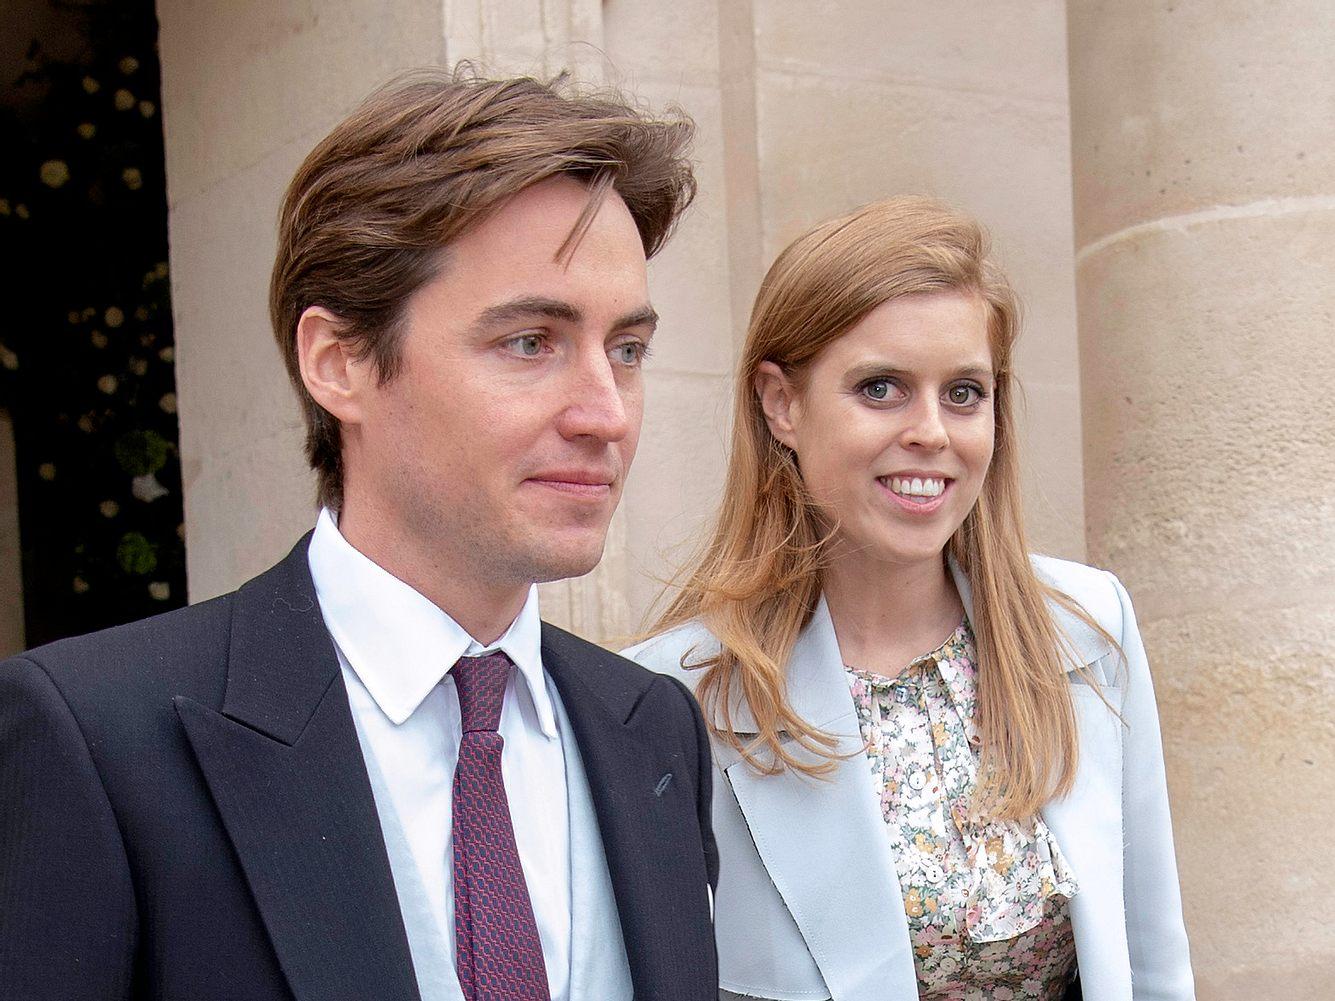 Prinzessin Beatrice und ihr Ehemann Edoardo Mapelli Mozzi bei der Hochzeit von Jean-Christophe Napoleon.